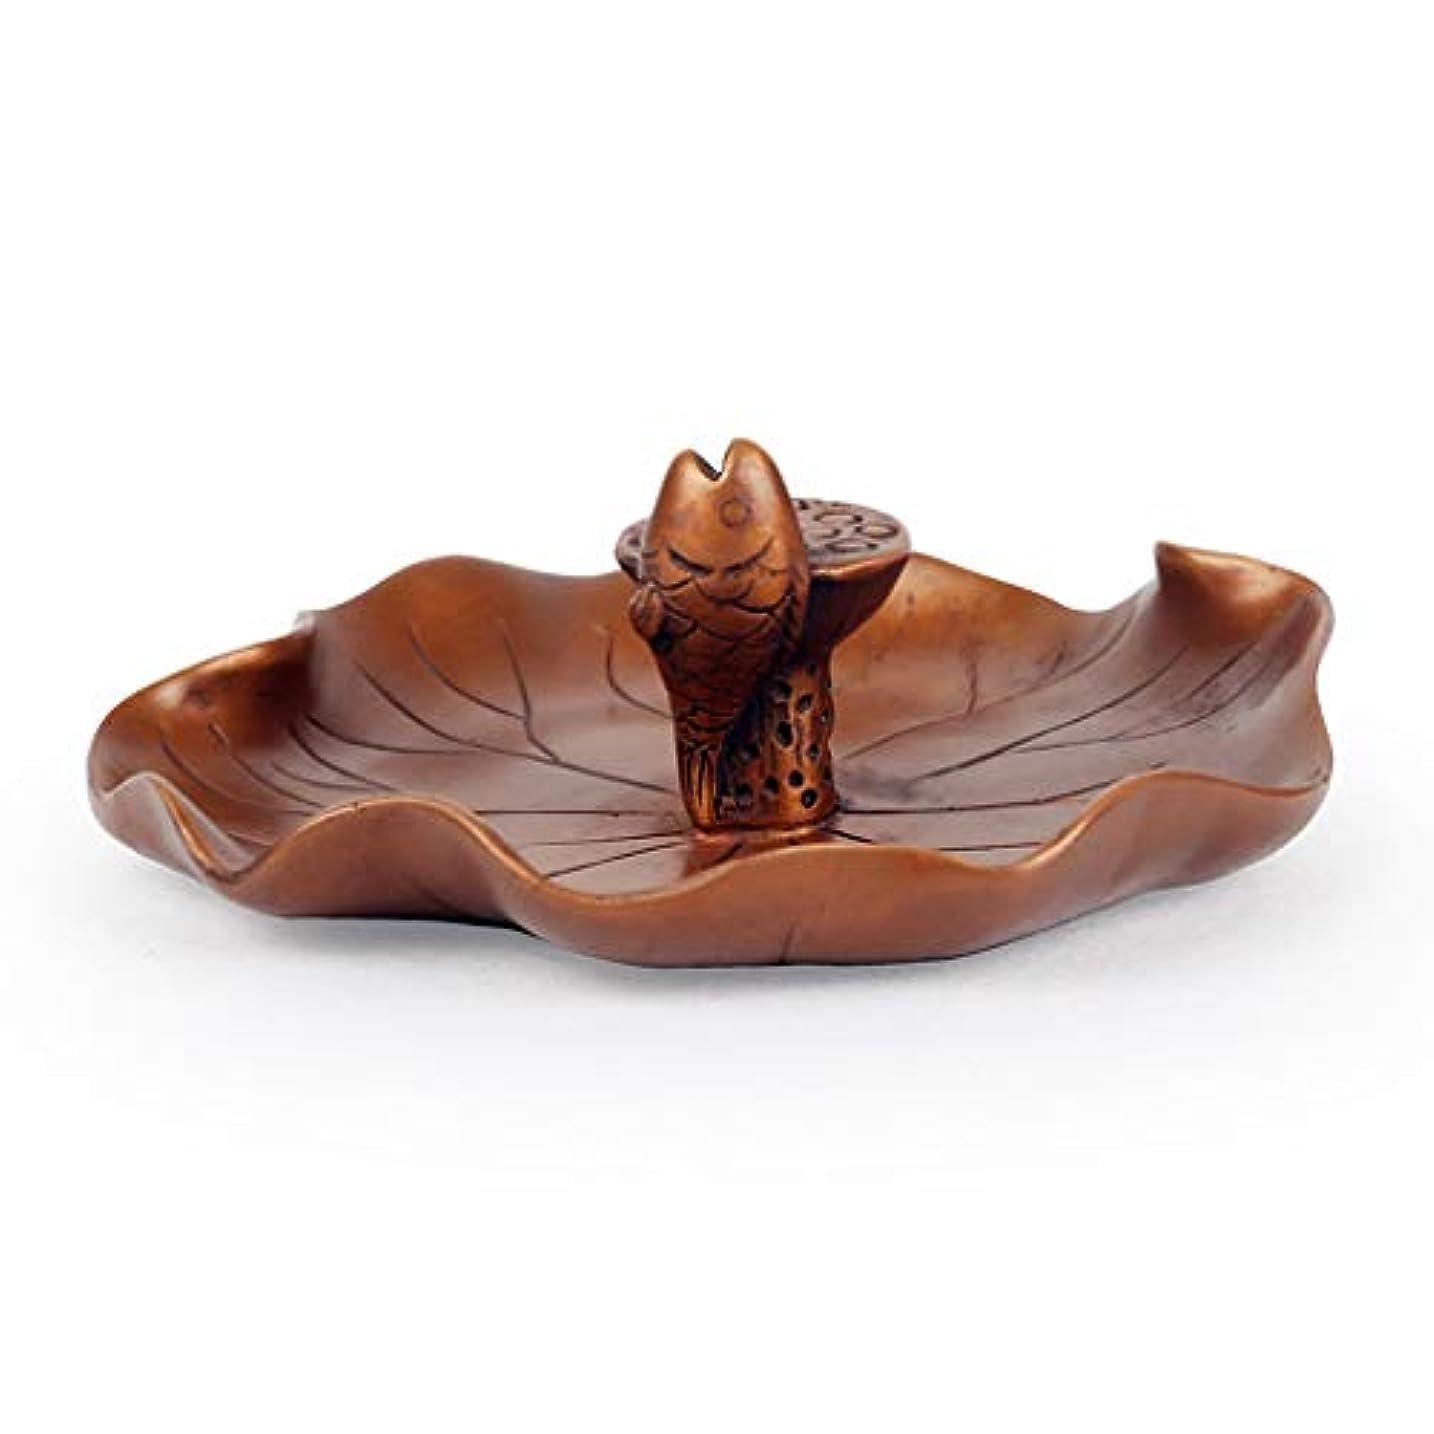 検索エンジン最適化嫌な推測ホームアロマバーナー 還流香炉ホーム香りの良い禅禅ラッキー鑑賞新しいクリエイティブアガーウッド香バーナー装飾 アロマバーナー (Color : Brass)